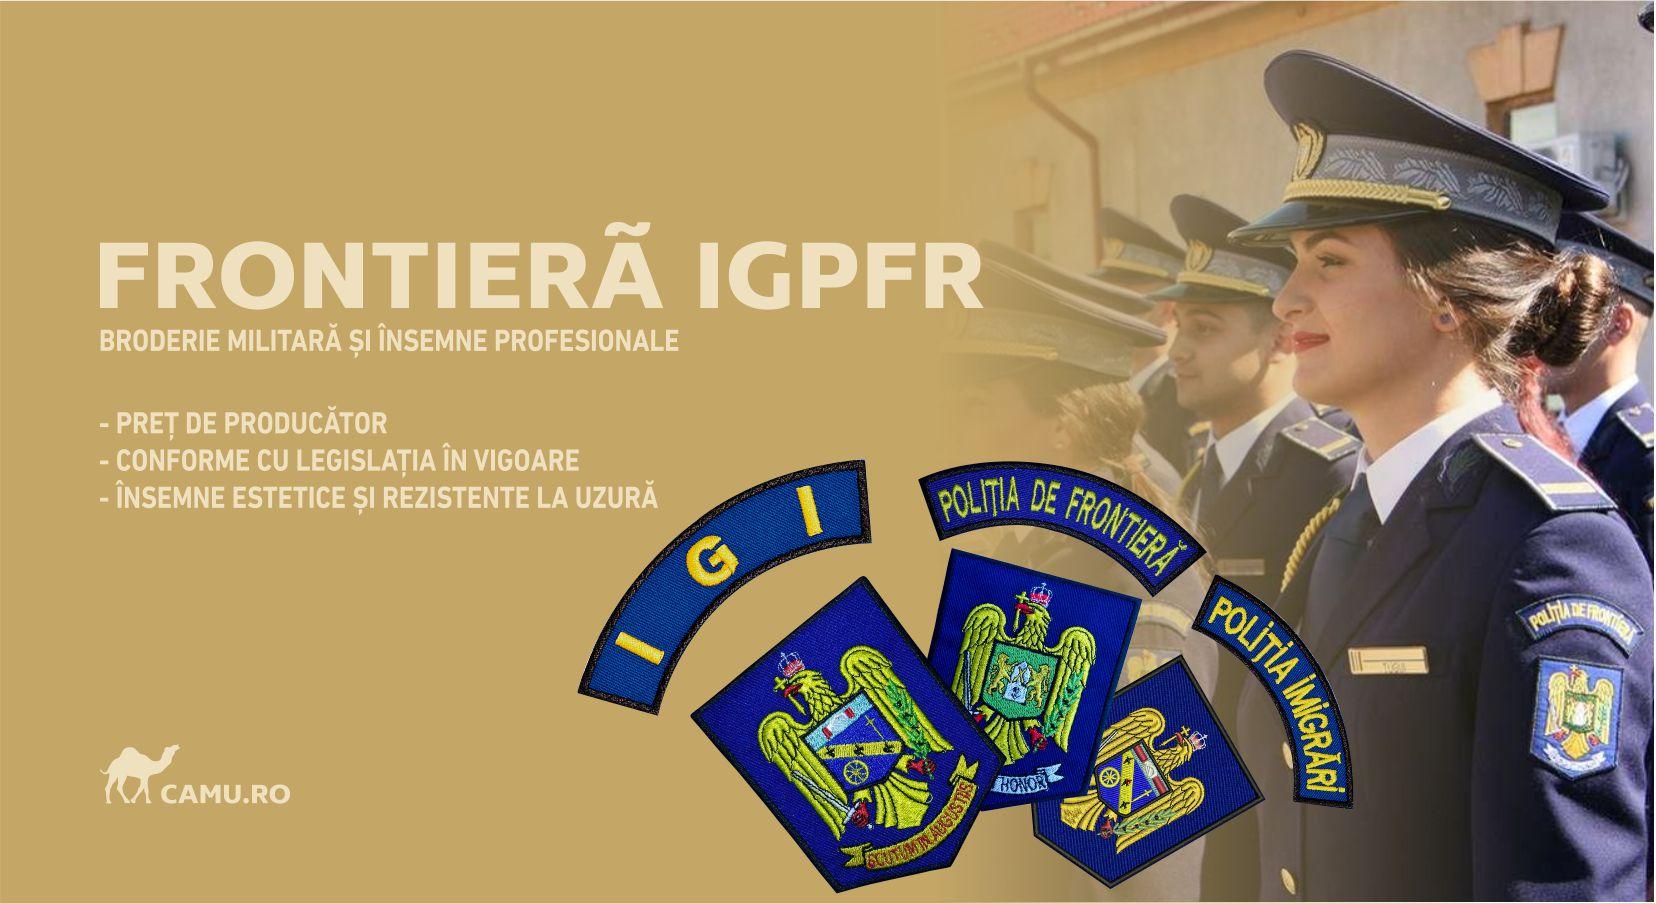 Grade Militare Poliția de Frontieră IGPFR de vânzare | Emblema Poliția de Frontieră IGPFR | Petlite Poliția de Frontieră IGPFR | Nominale și alte însemne distinctive pentru uniforma Poliției de Frontieră IGPFR. *Conforme cu legislația în vigoare.